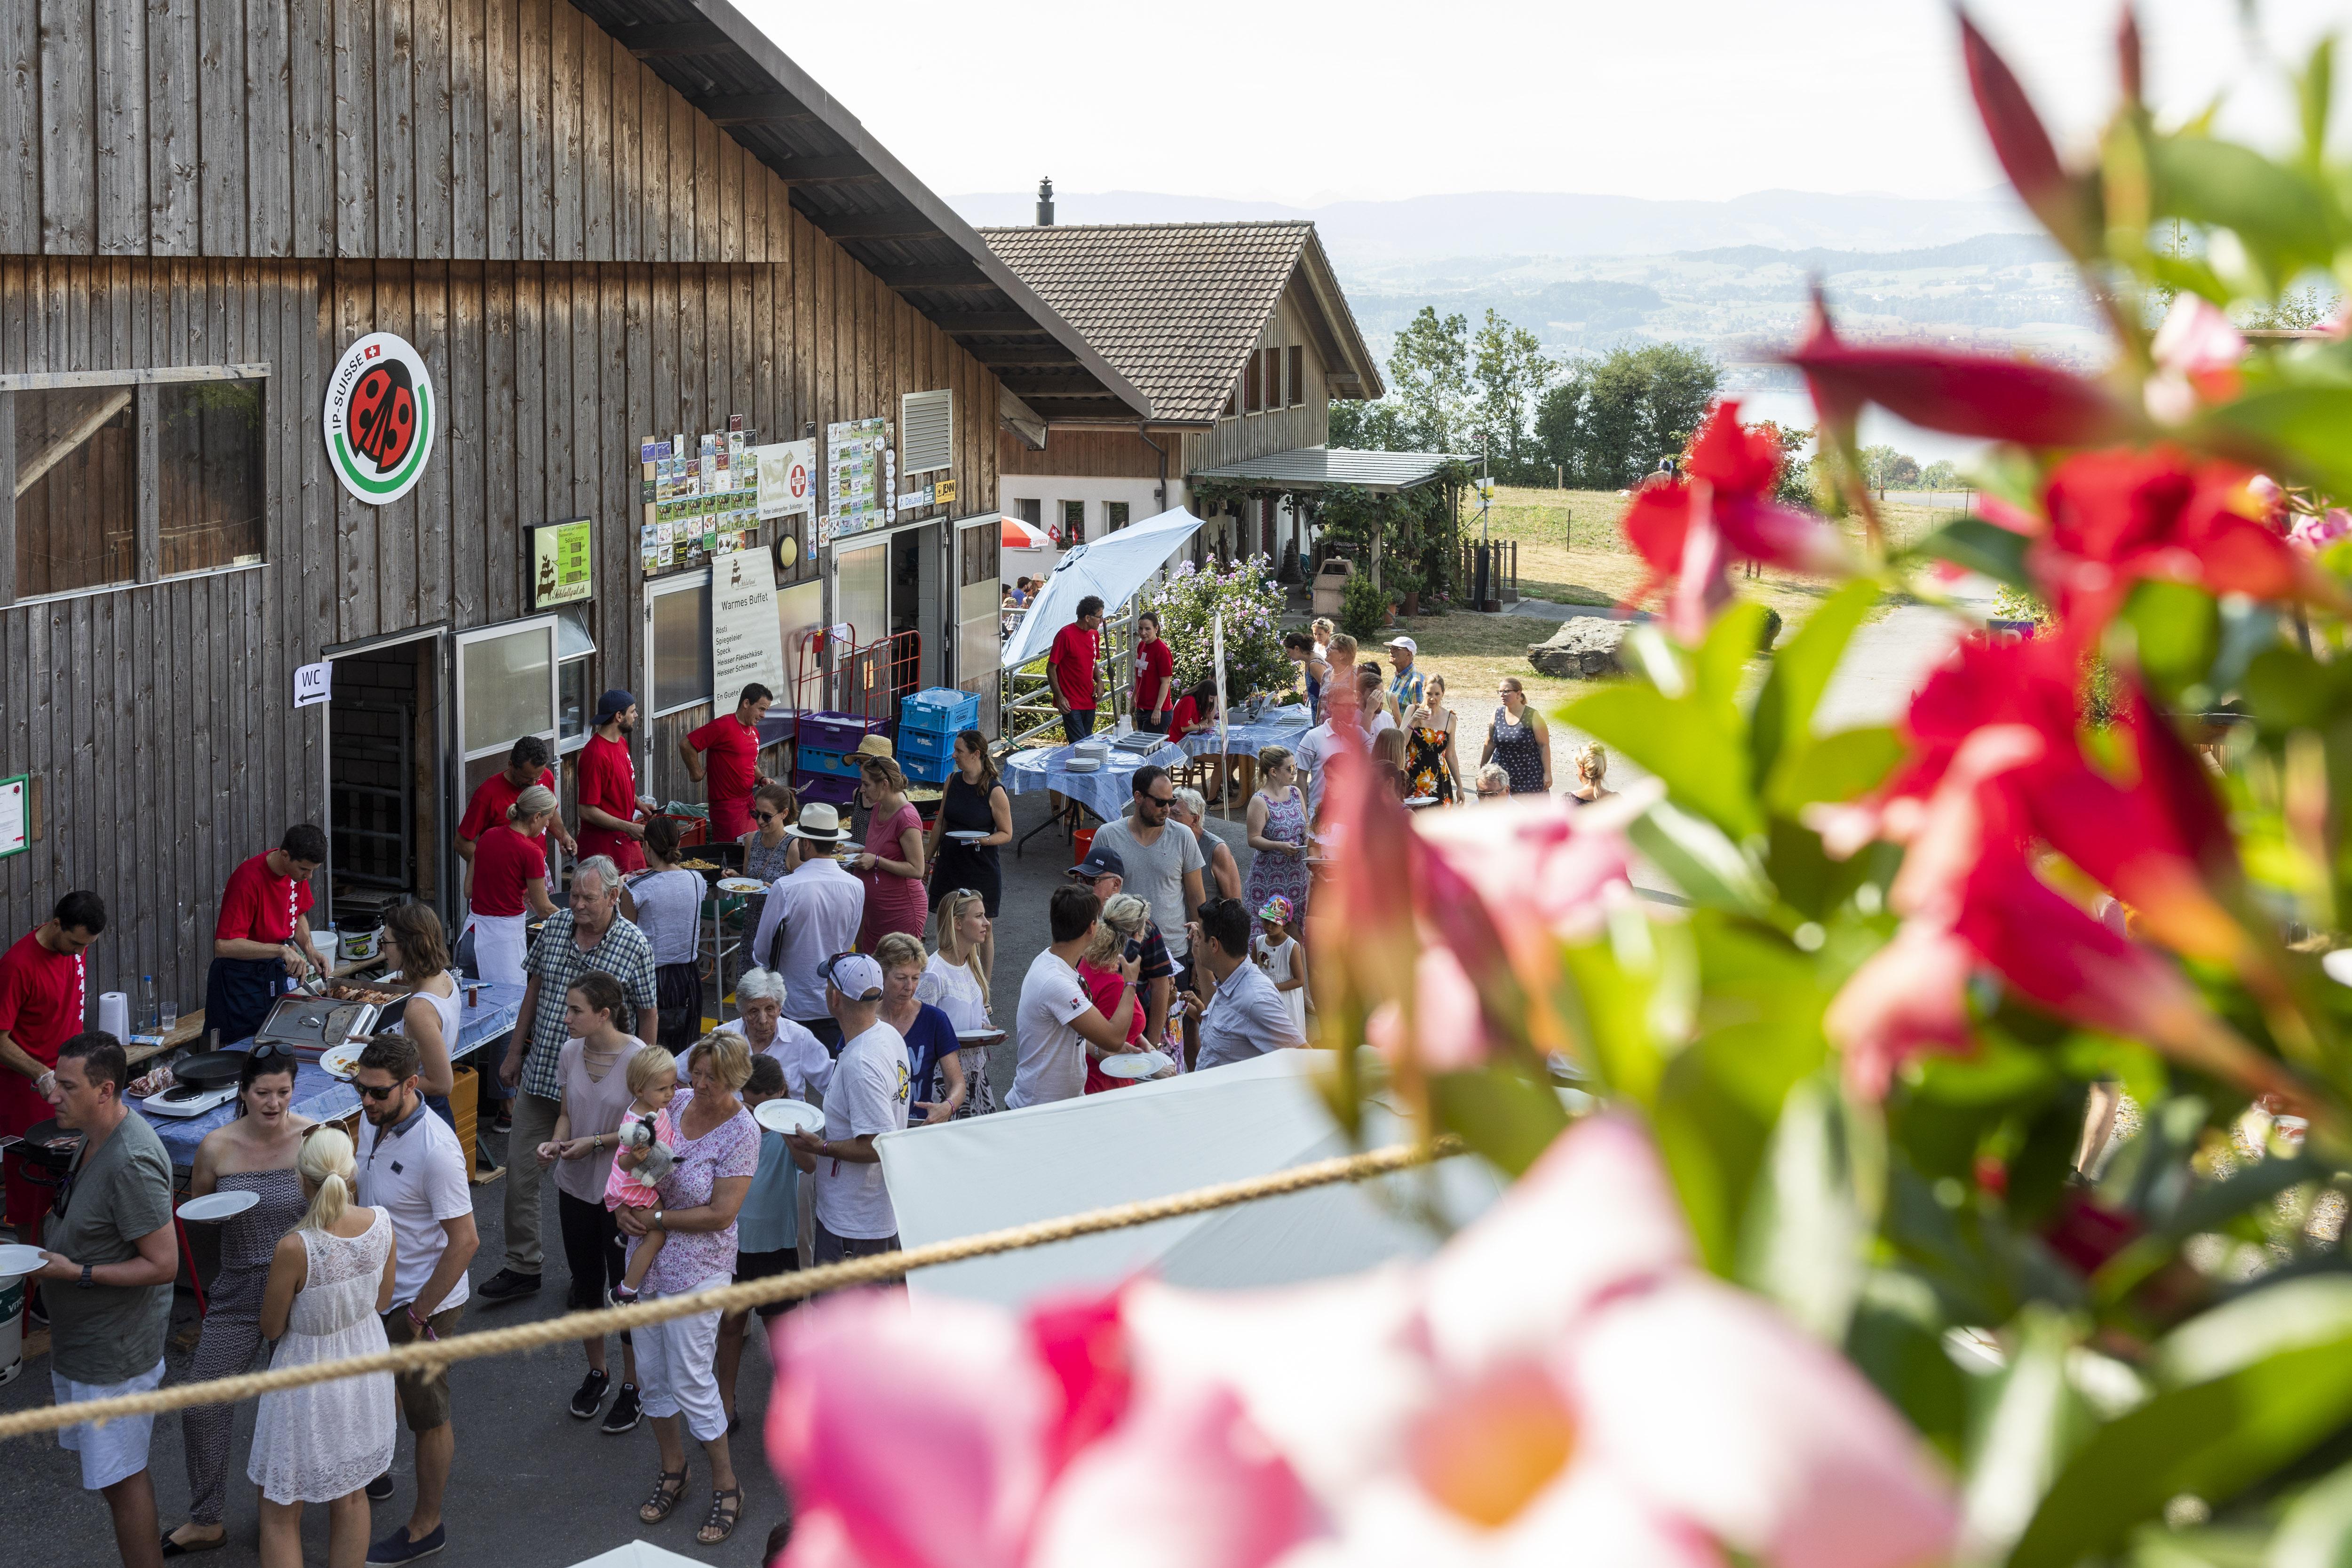 Brunch à la ferme le 1er août - une idée de sortie qui plaira aux petits comme aux grands -delimoon.com